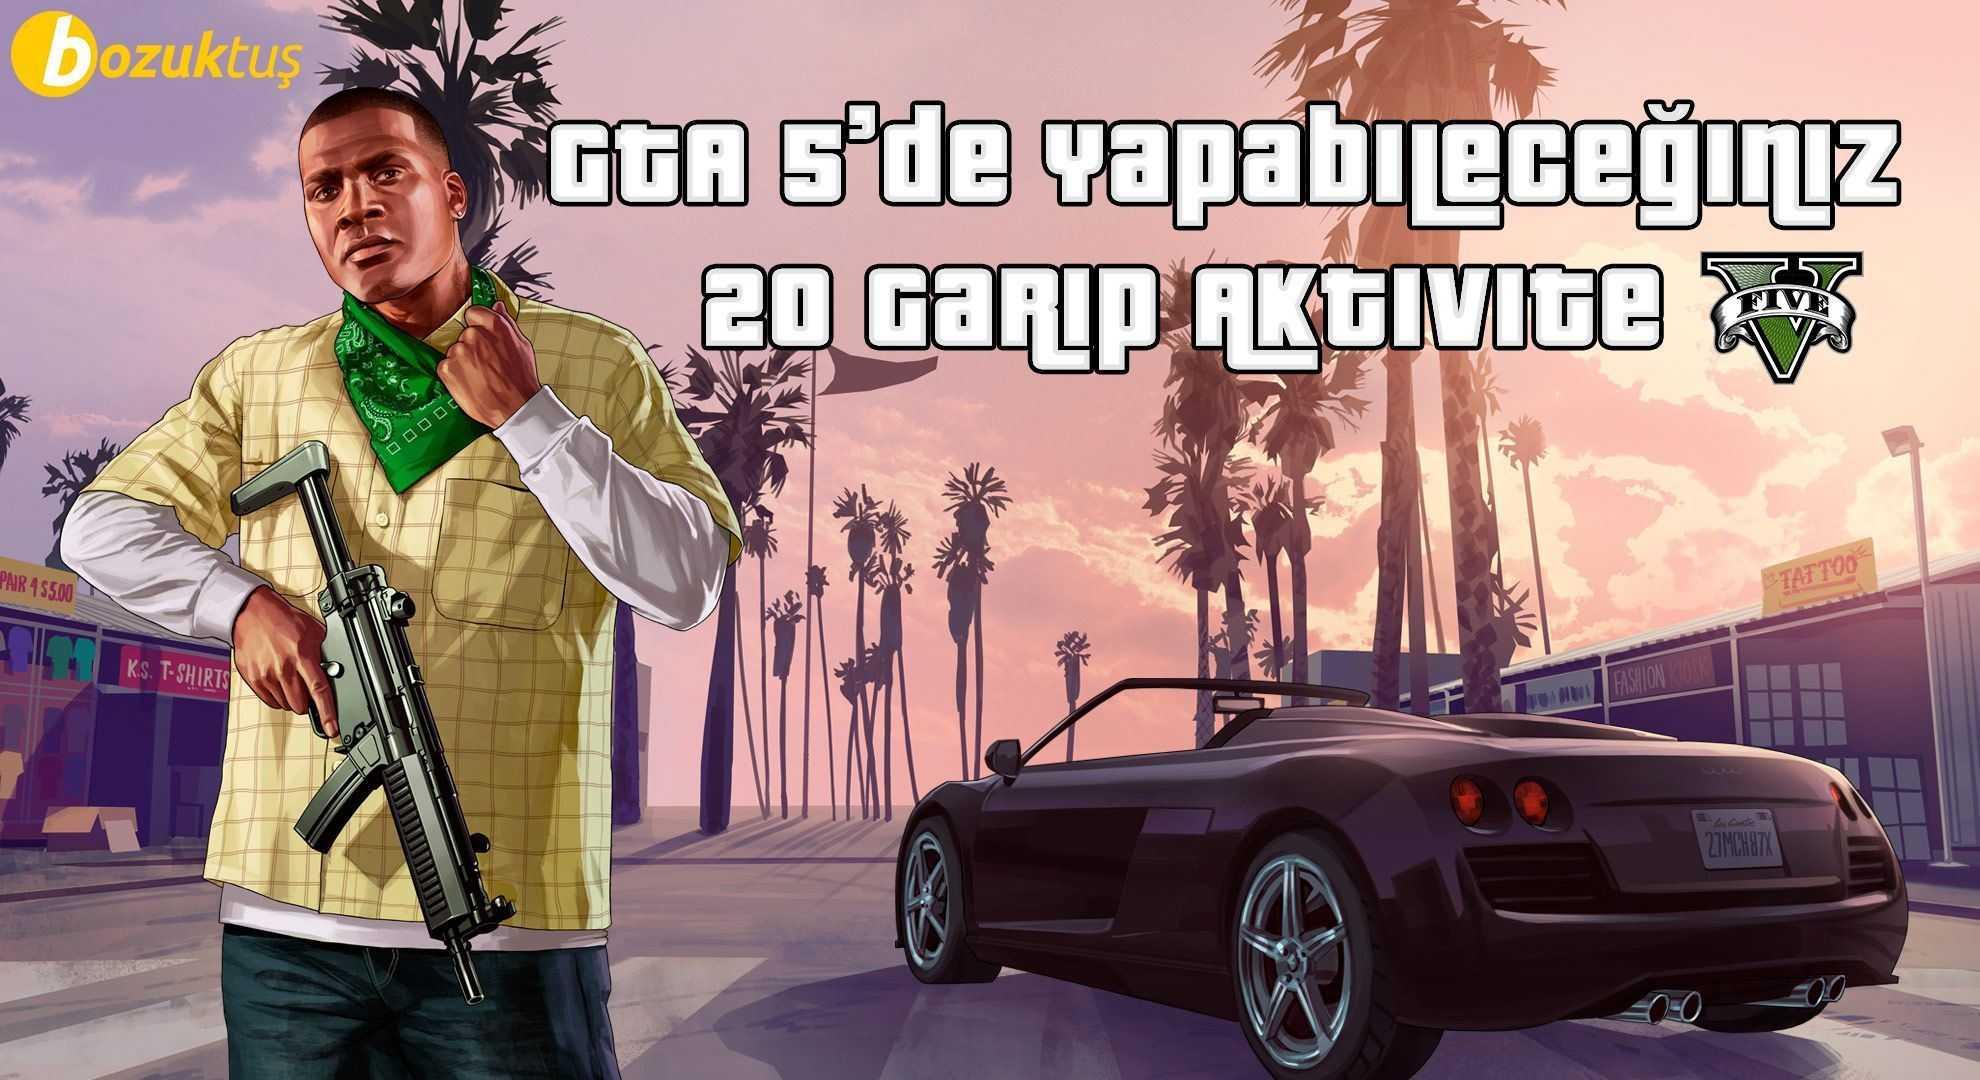 GTA 5'de Yapabileceğiniz 20 Garip Aktivite